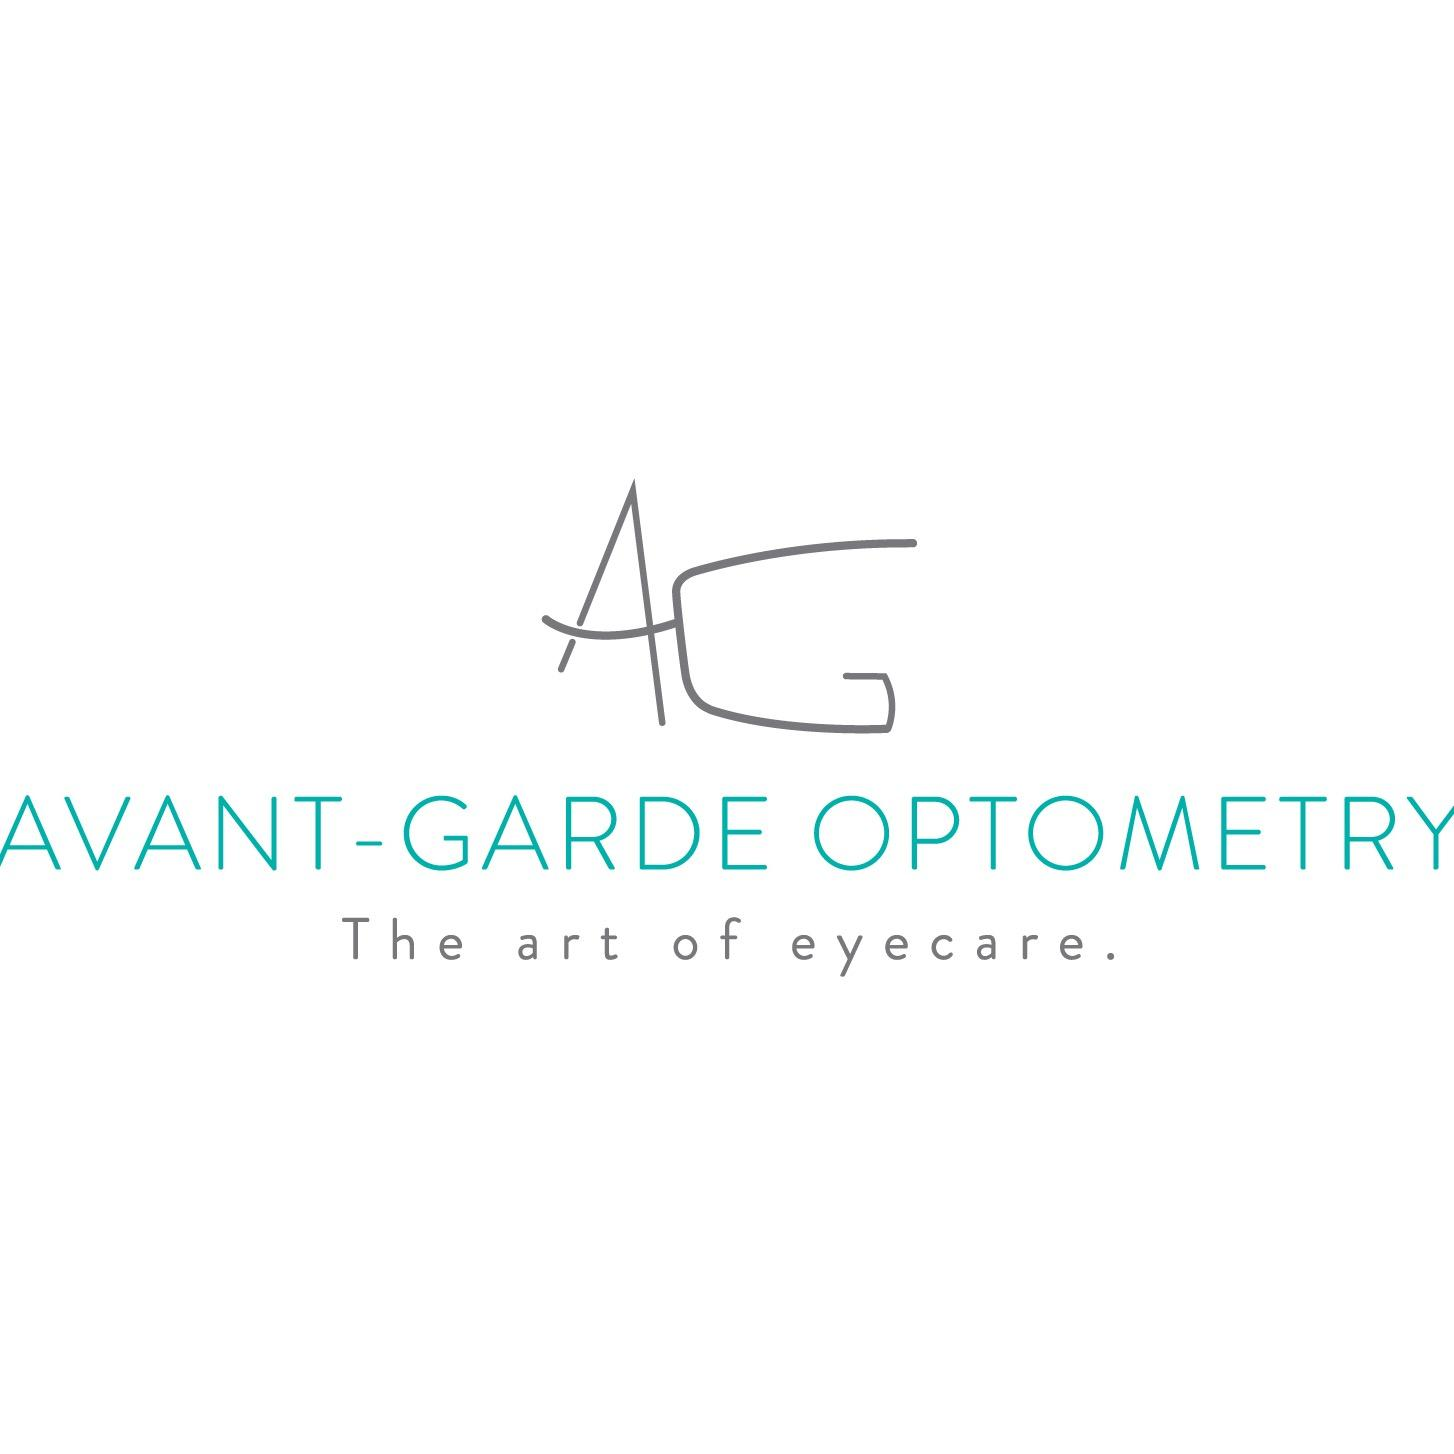 avant garde optometry 8 photos eye care frisco tx